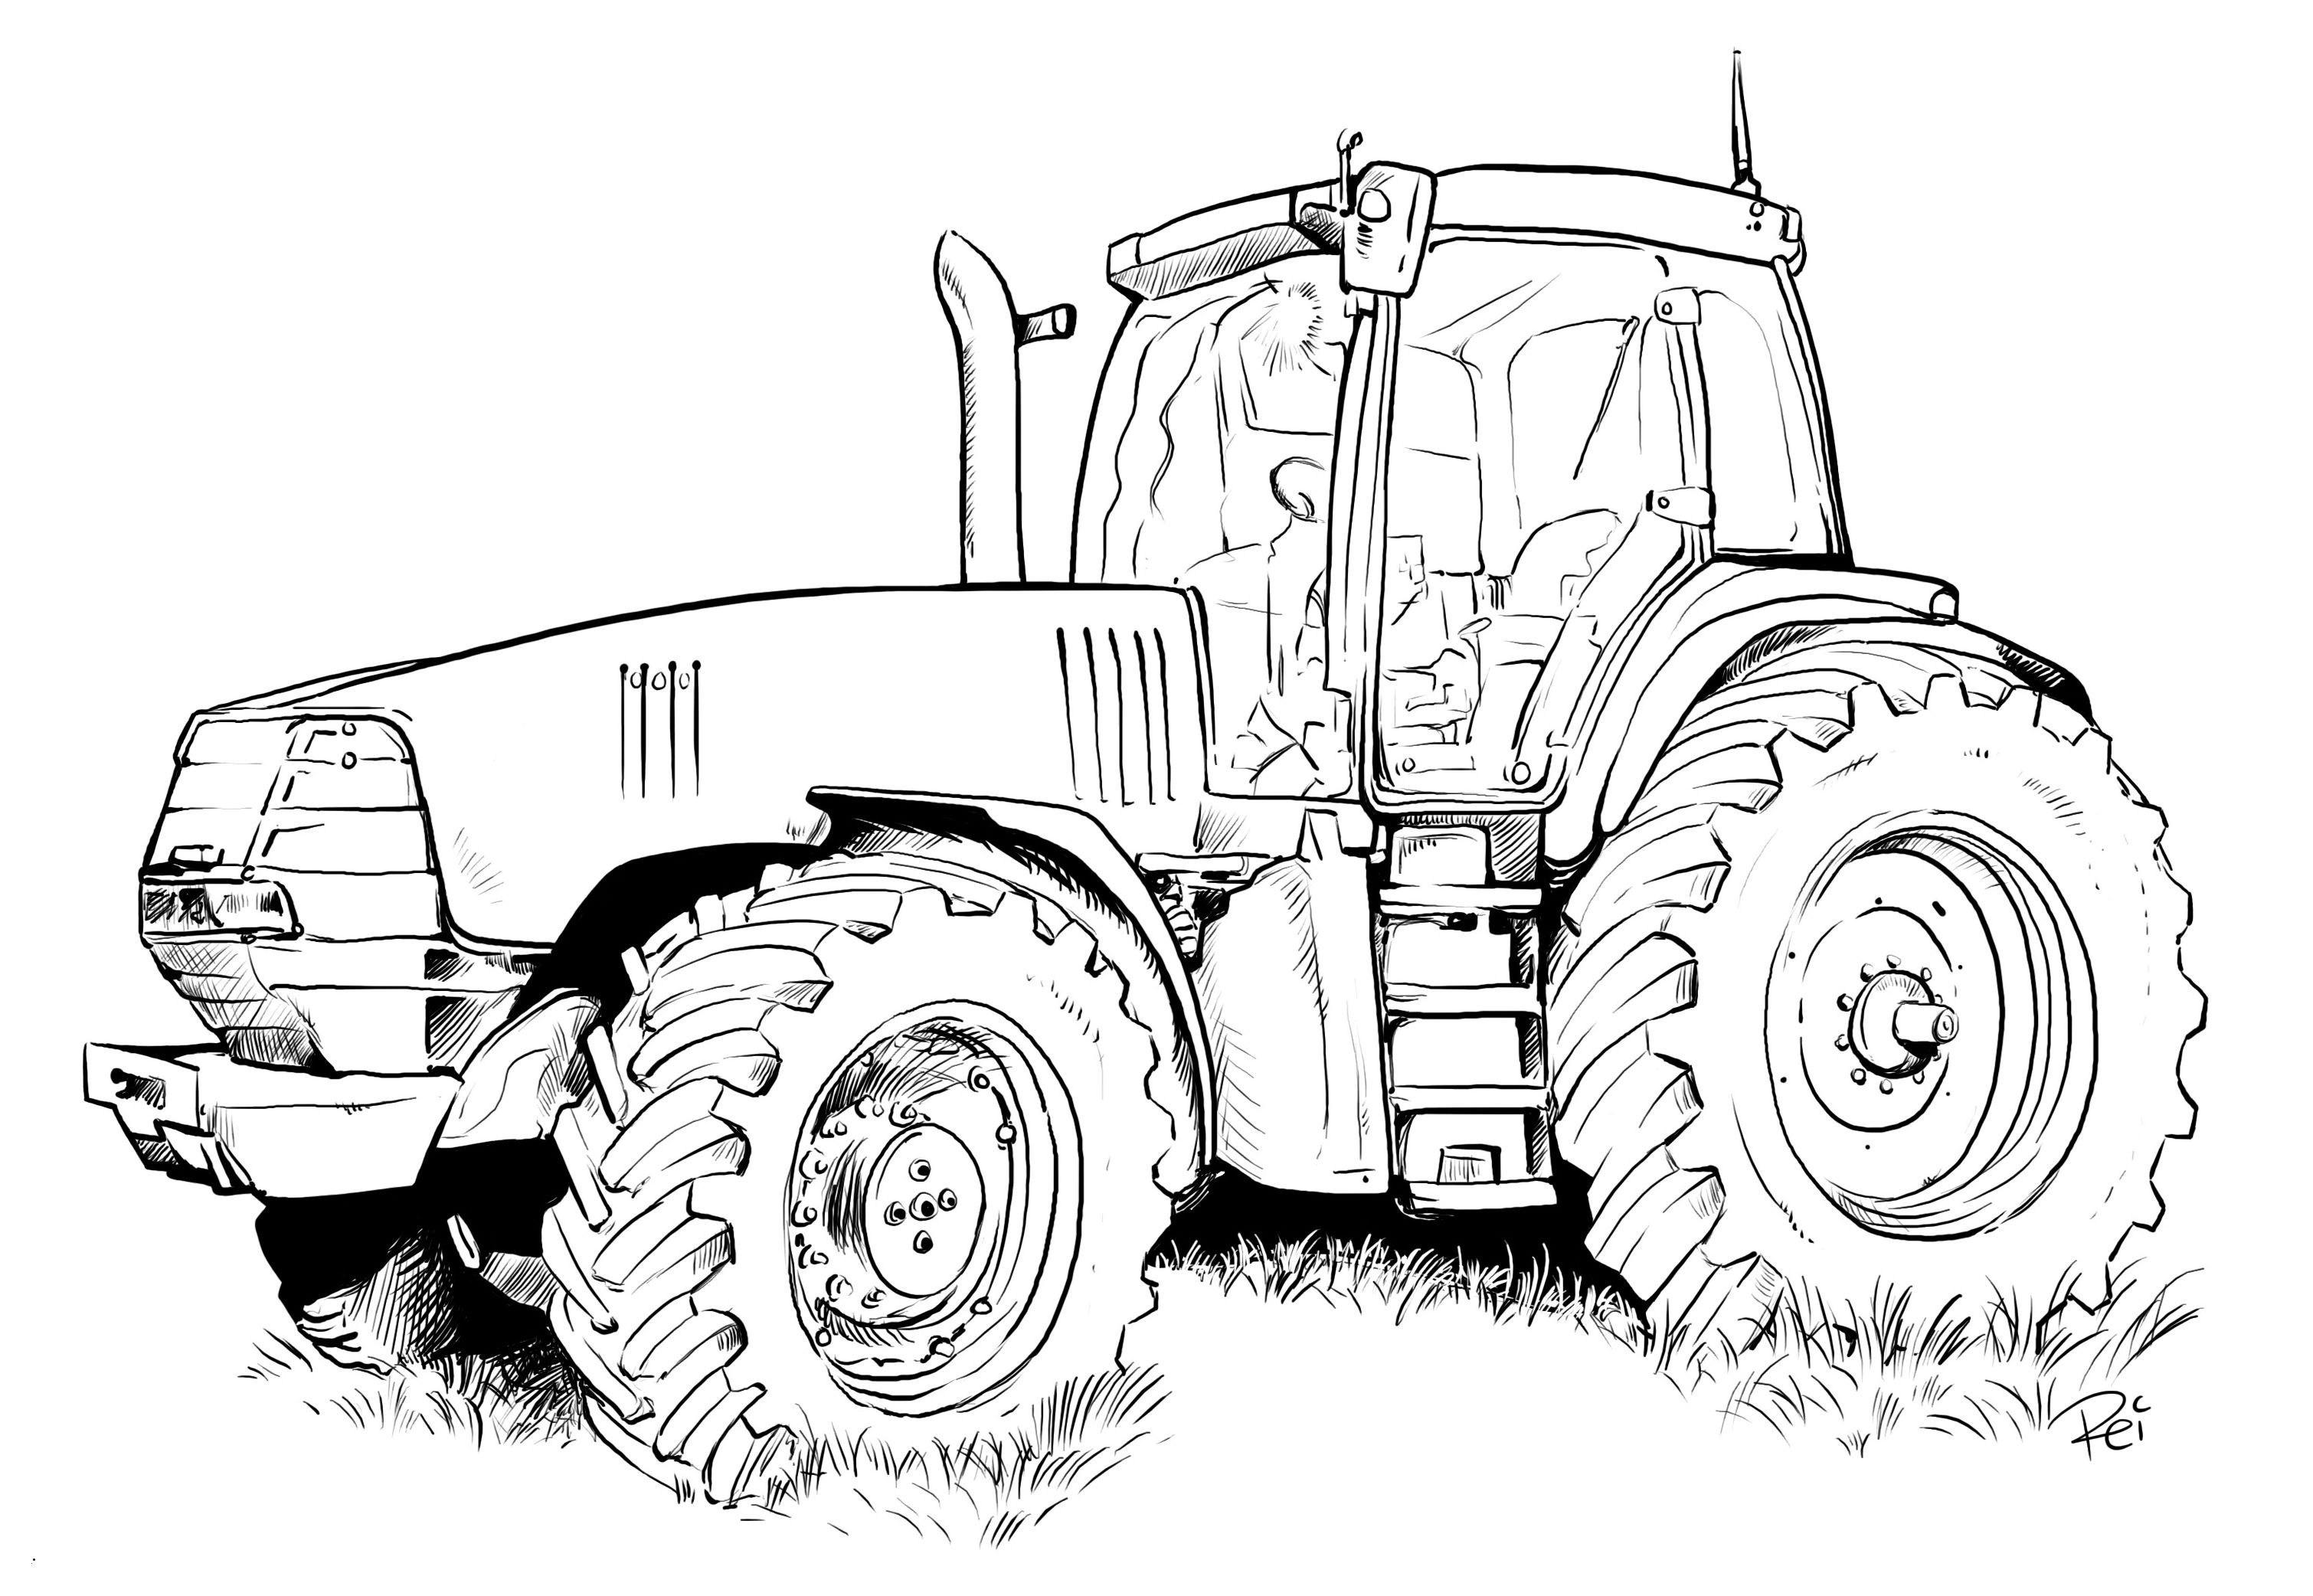 Ausmalbilder Traktor Mit Frontlader Das Beste Von 40 Idee Ausmalbilder Transformers Bumblebee Treehouse Nyc Bild